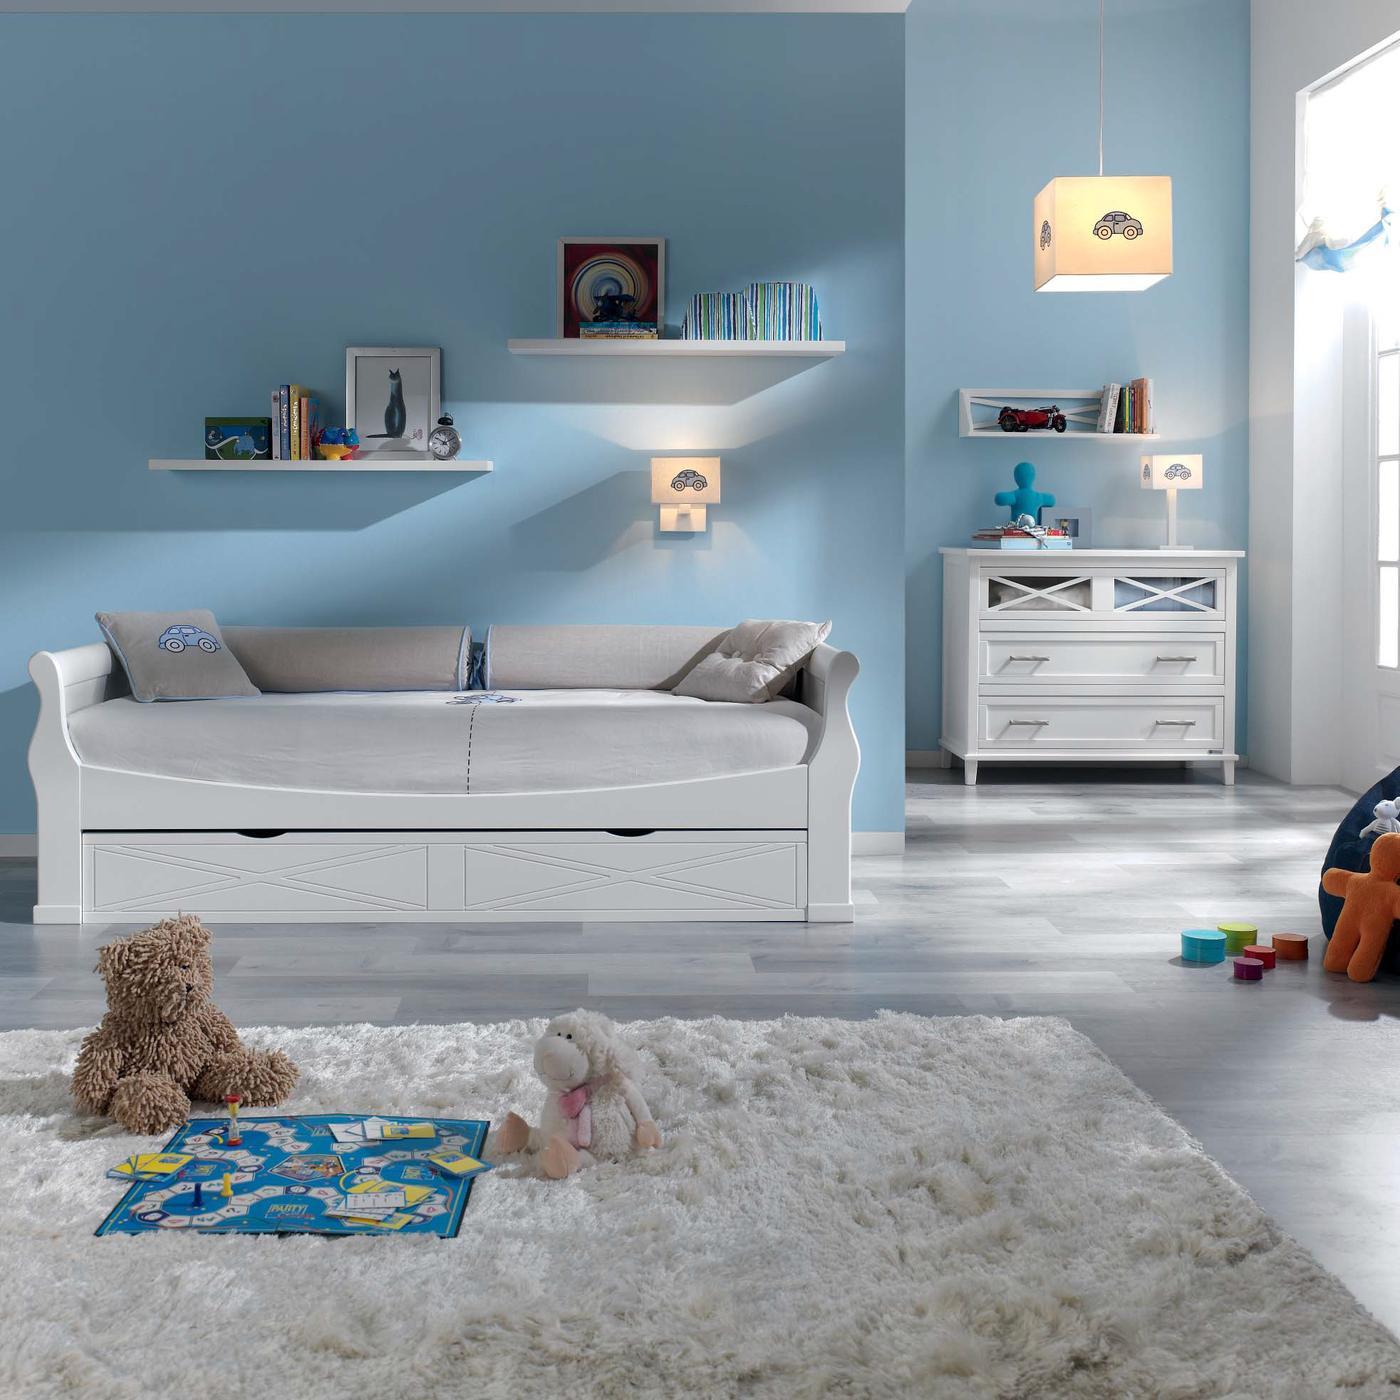 Ideas de cama nido blanca para habitaciones infantiles - Habitaciones infantiles cama nido ...